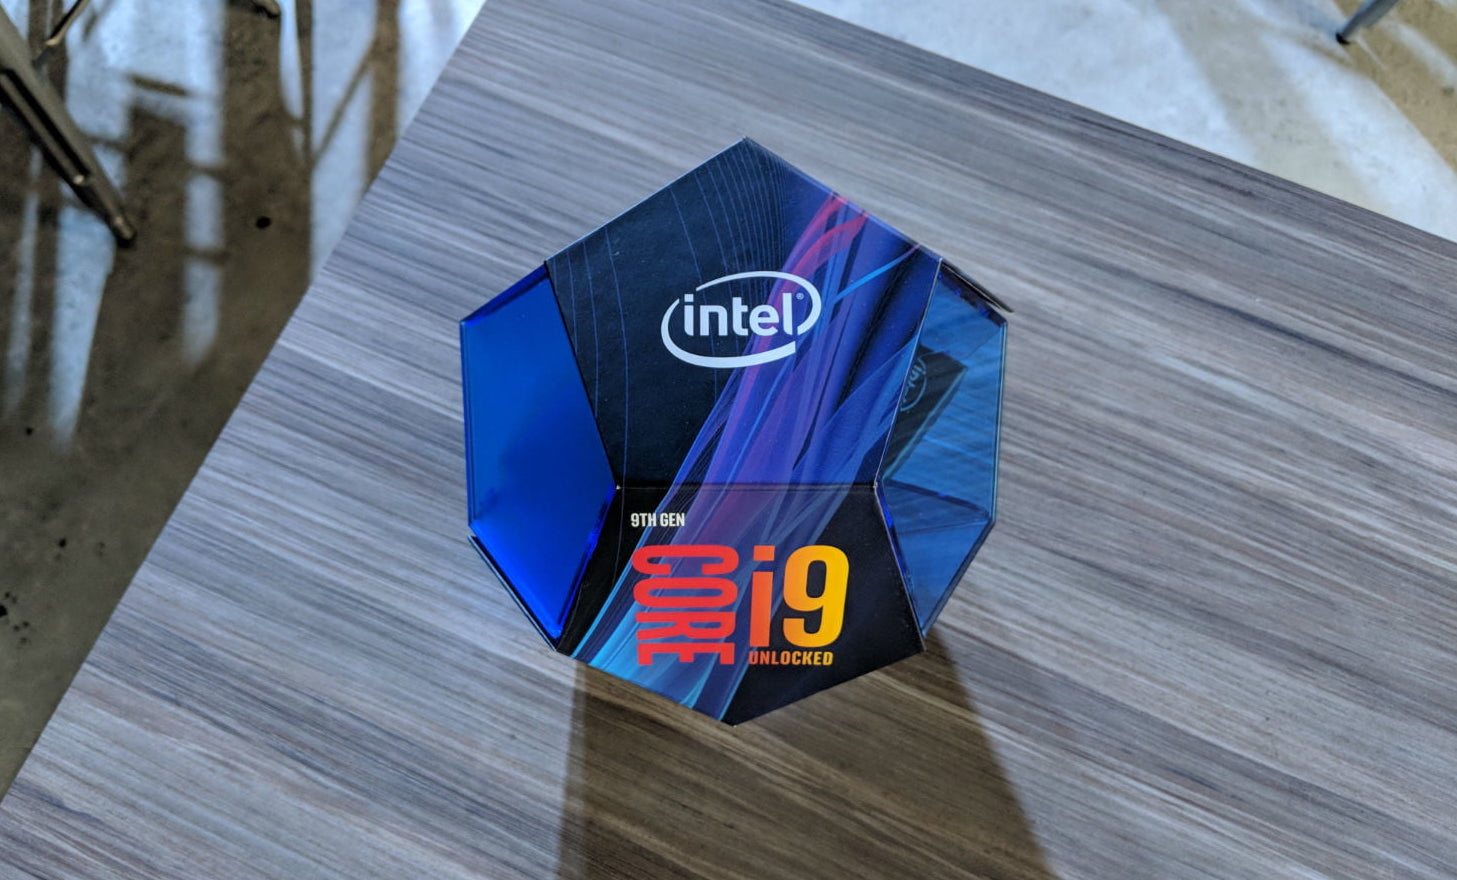 Процессоры Intel девятого поколения будут защищены от Meltdown и Spectre